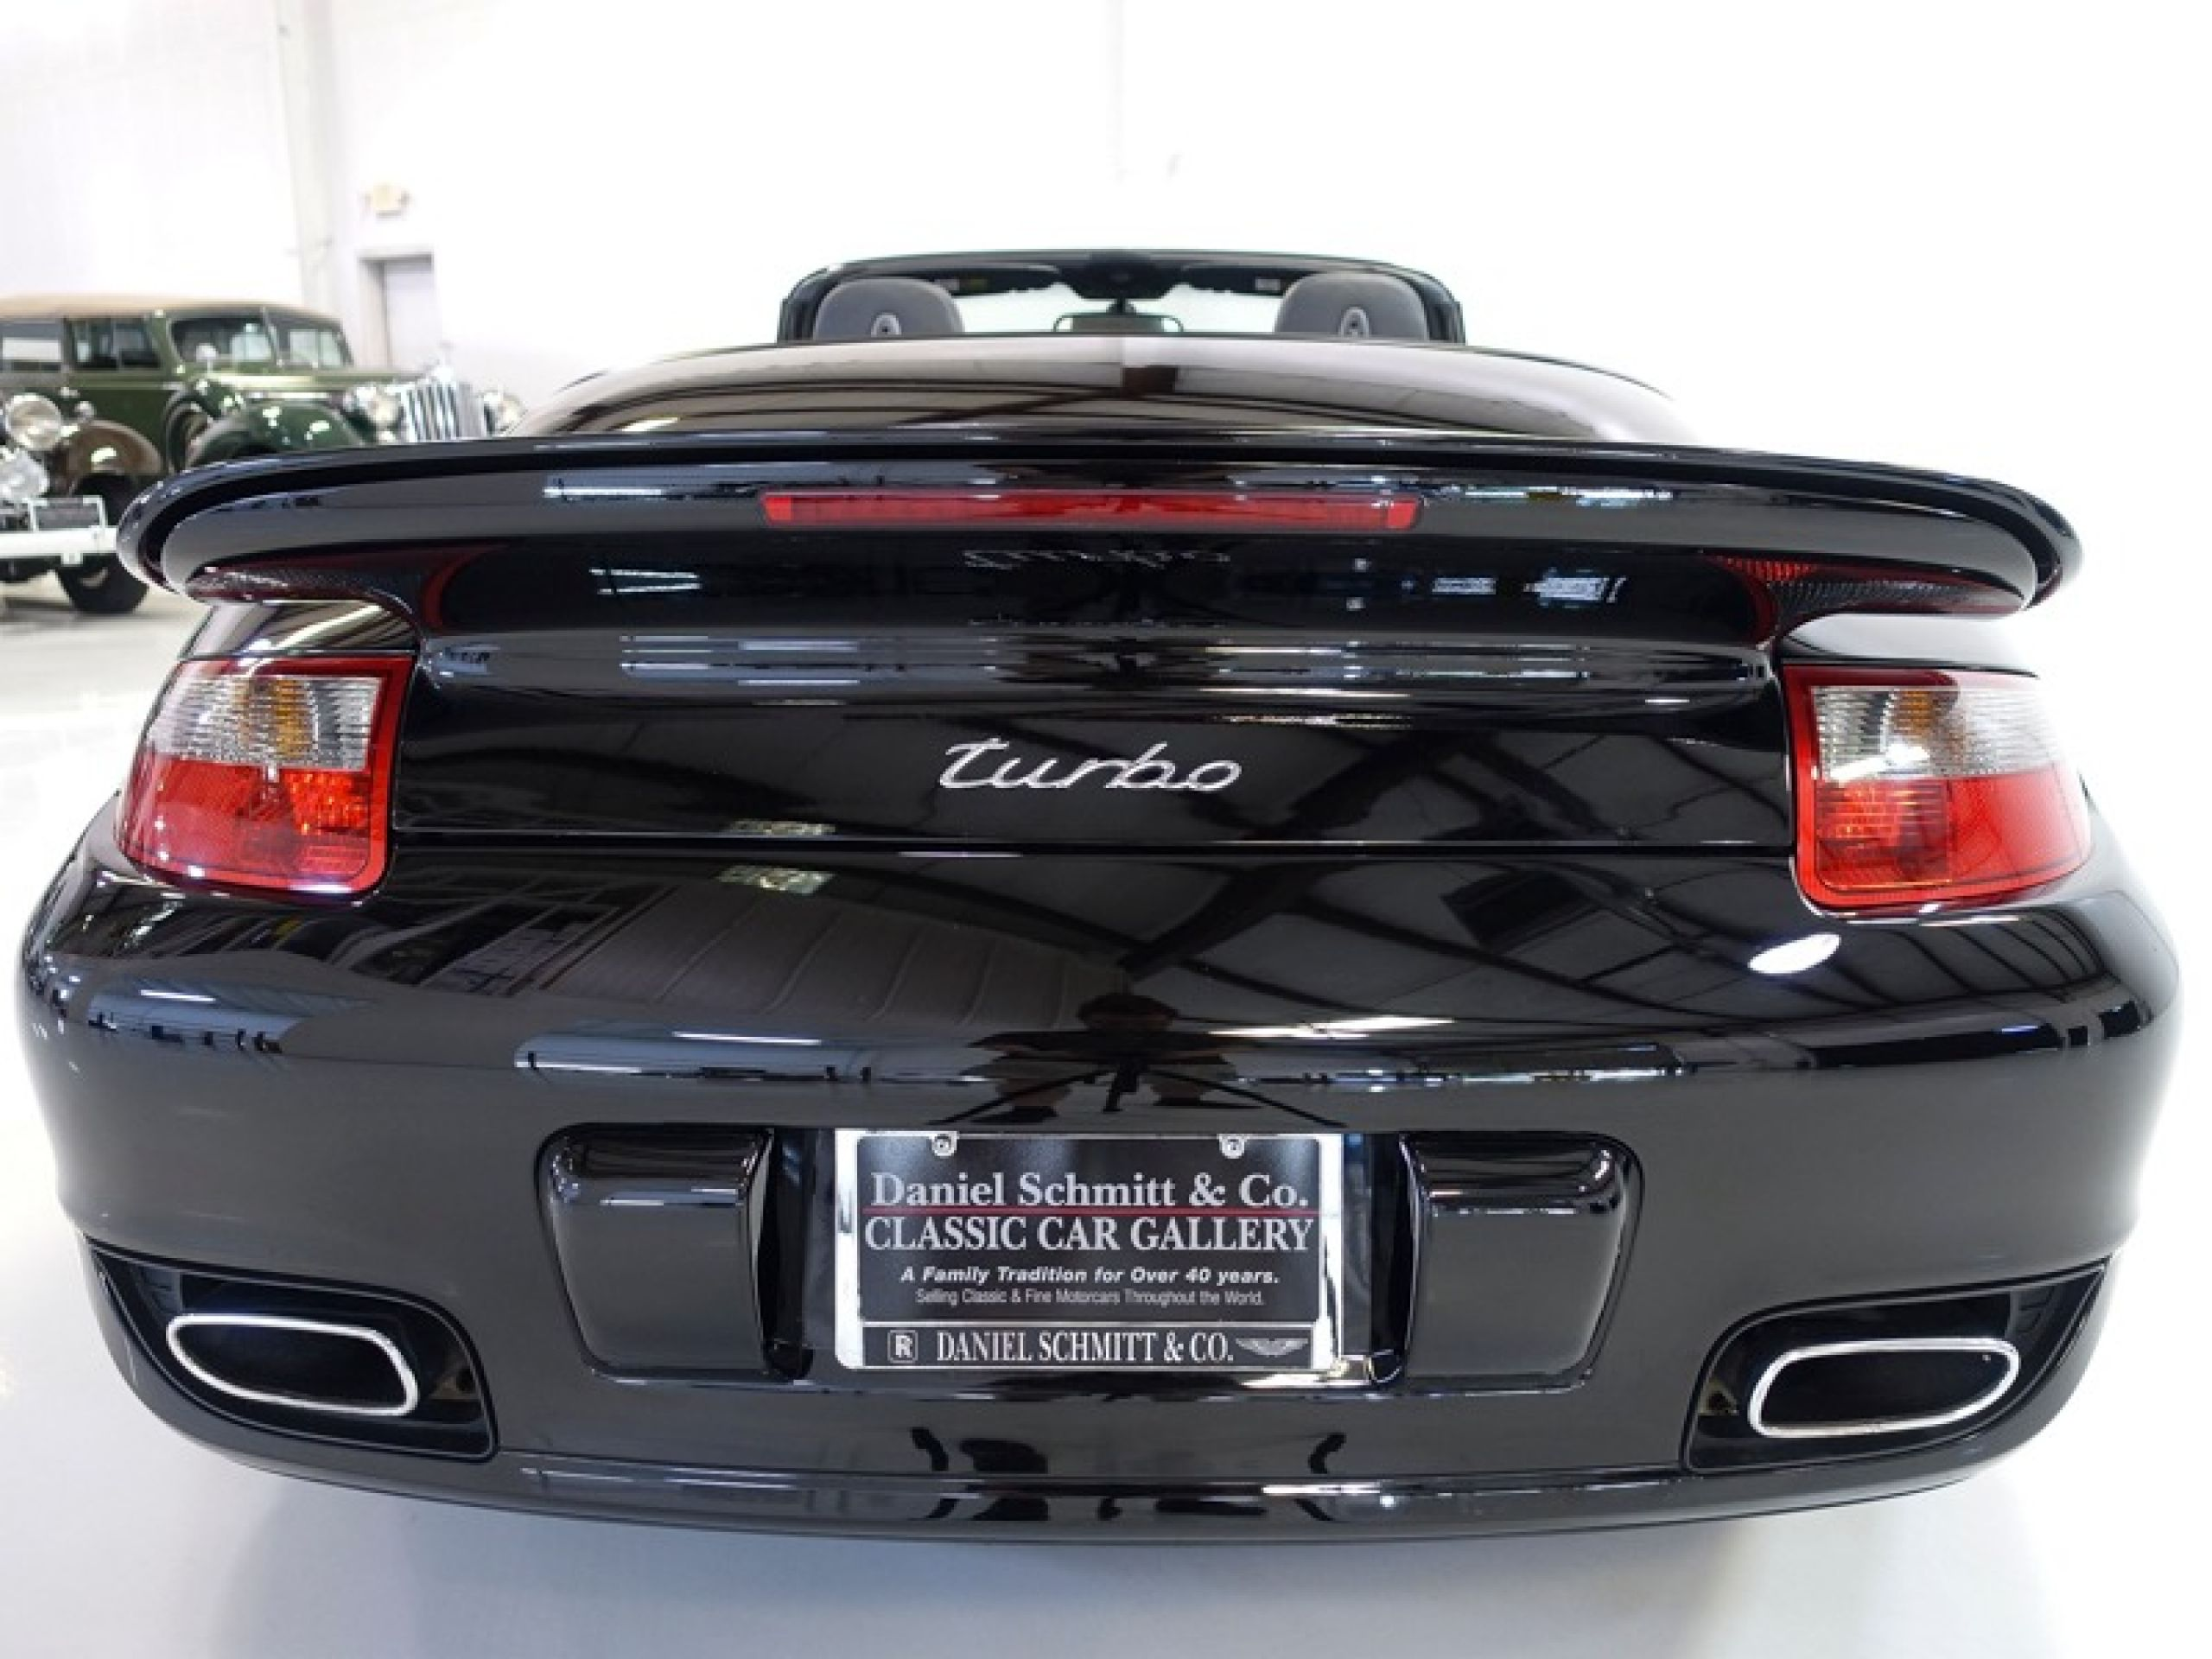 2008 Porsche 911 997 Turbo Cabriolet